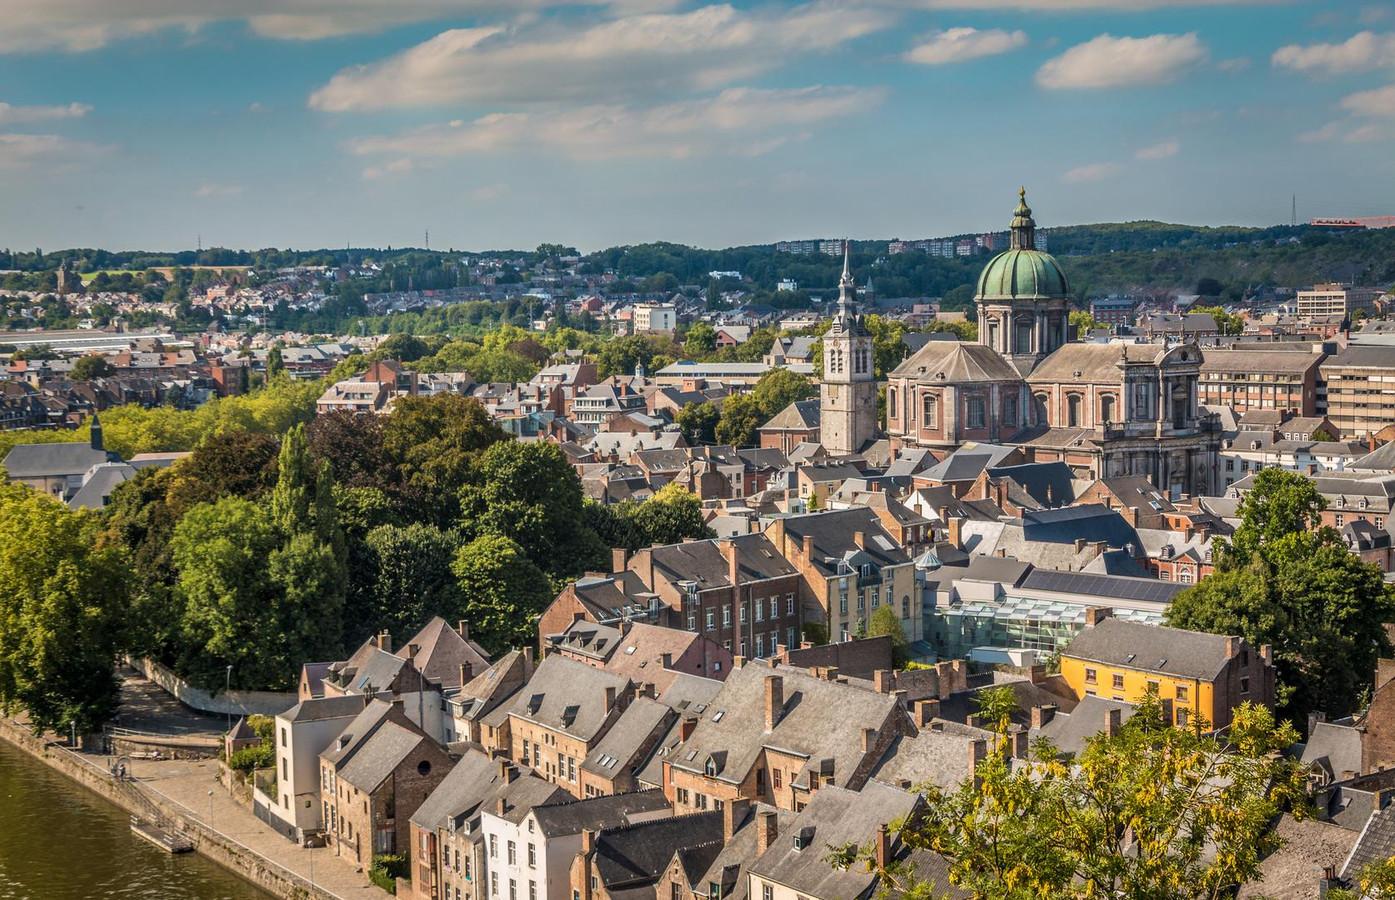 Namur city in Belgium